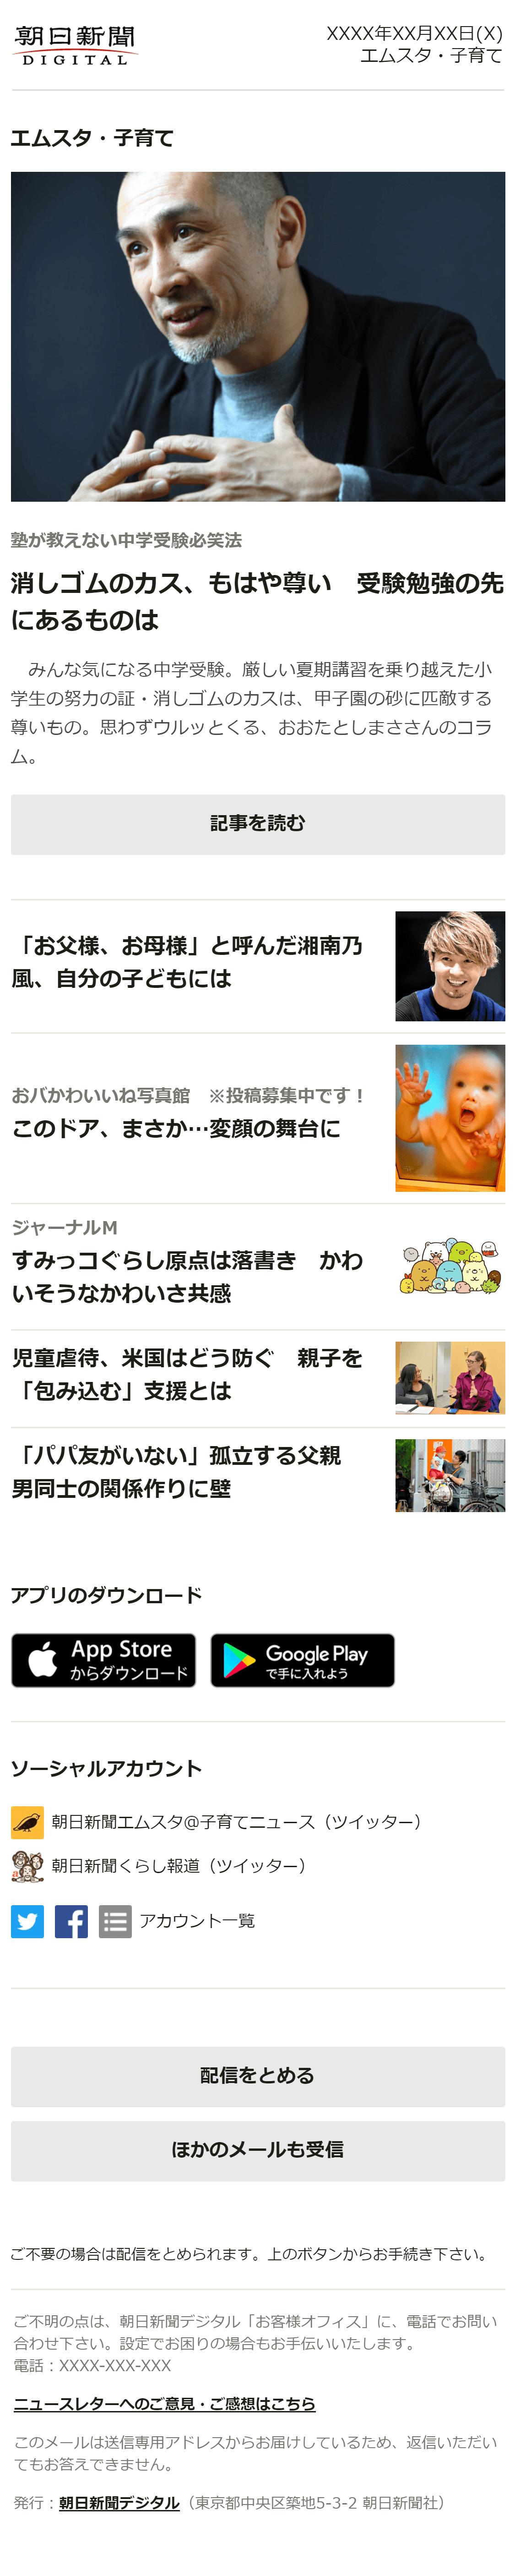 ニュースレター[エムスタ・子育て]のサンプル